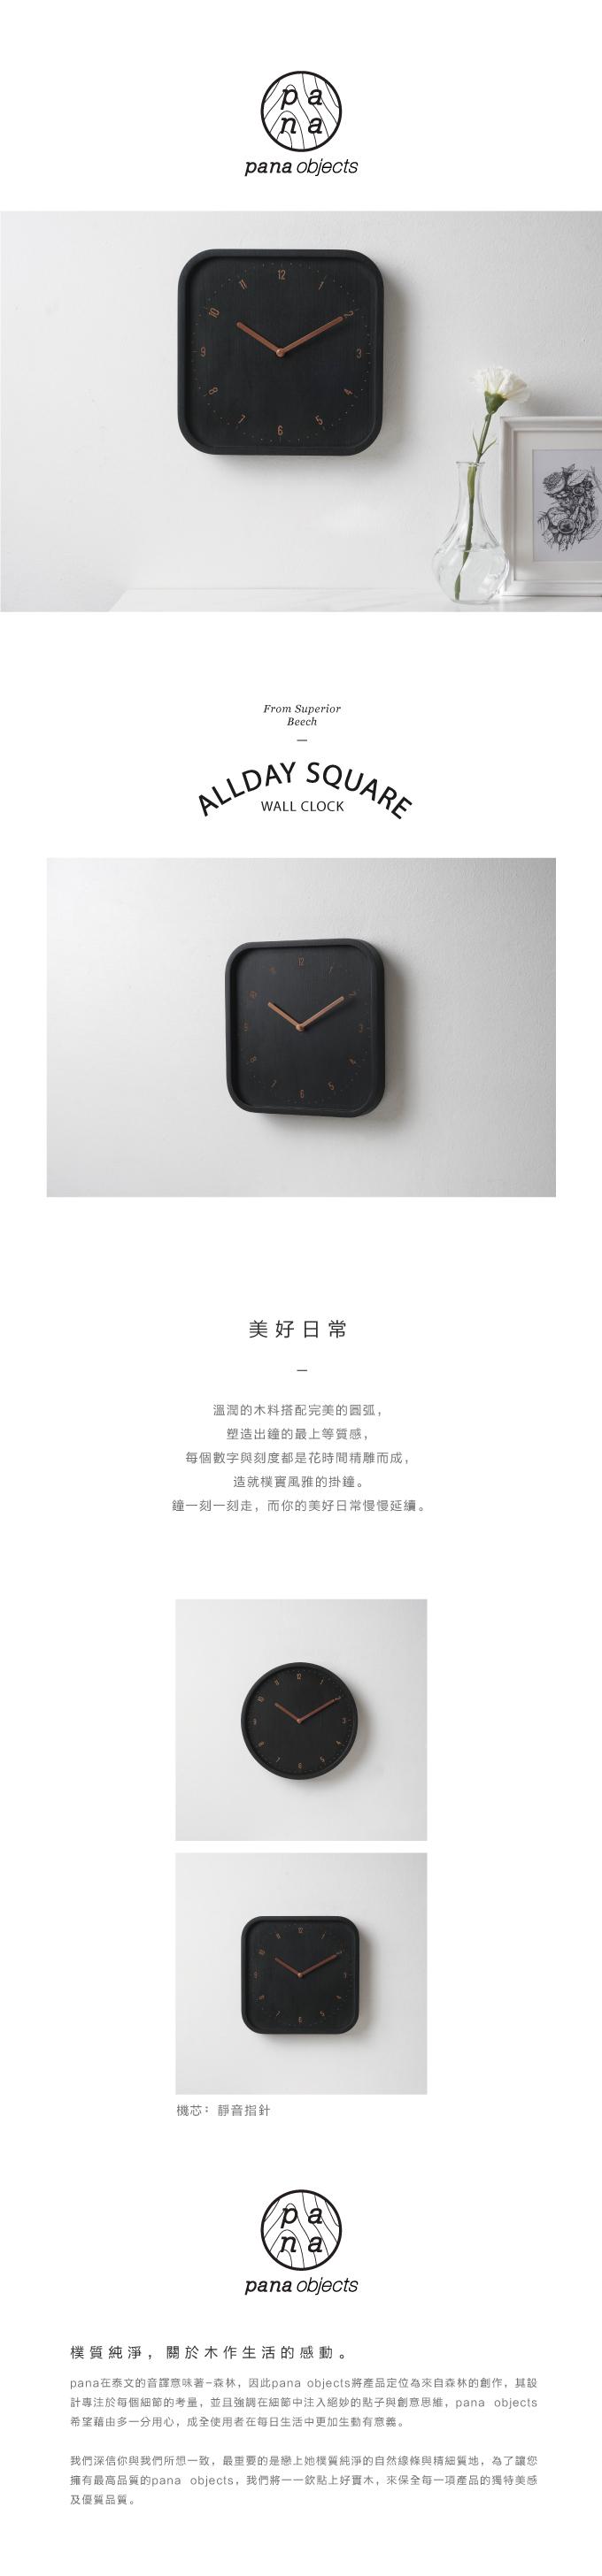 (複製)Pana Objects|月台時計-掛鐘